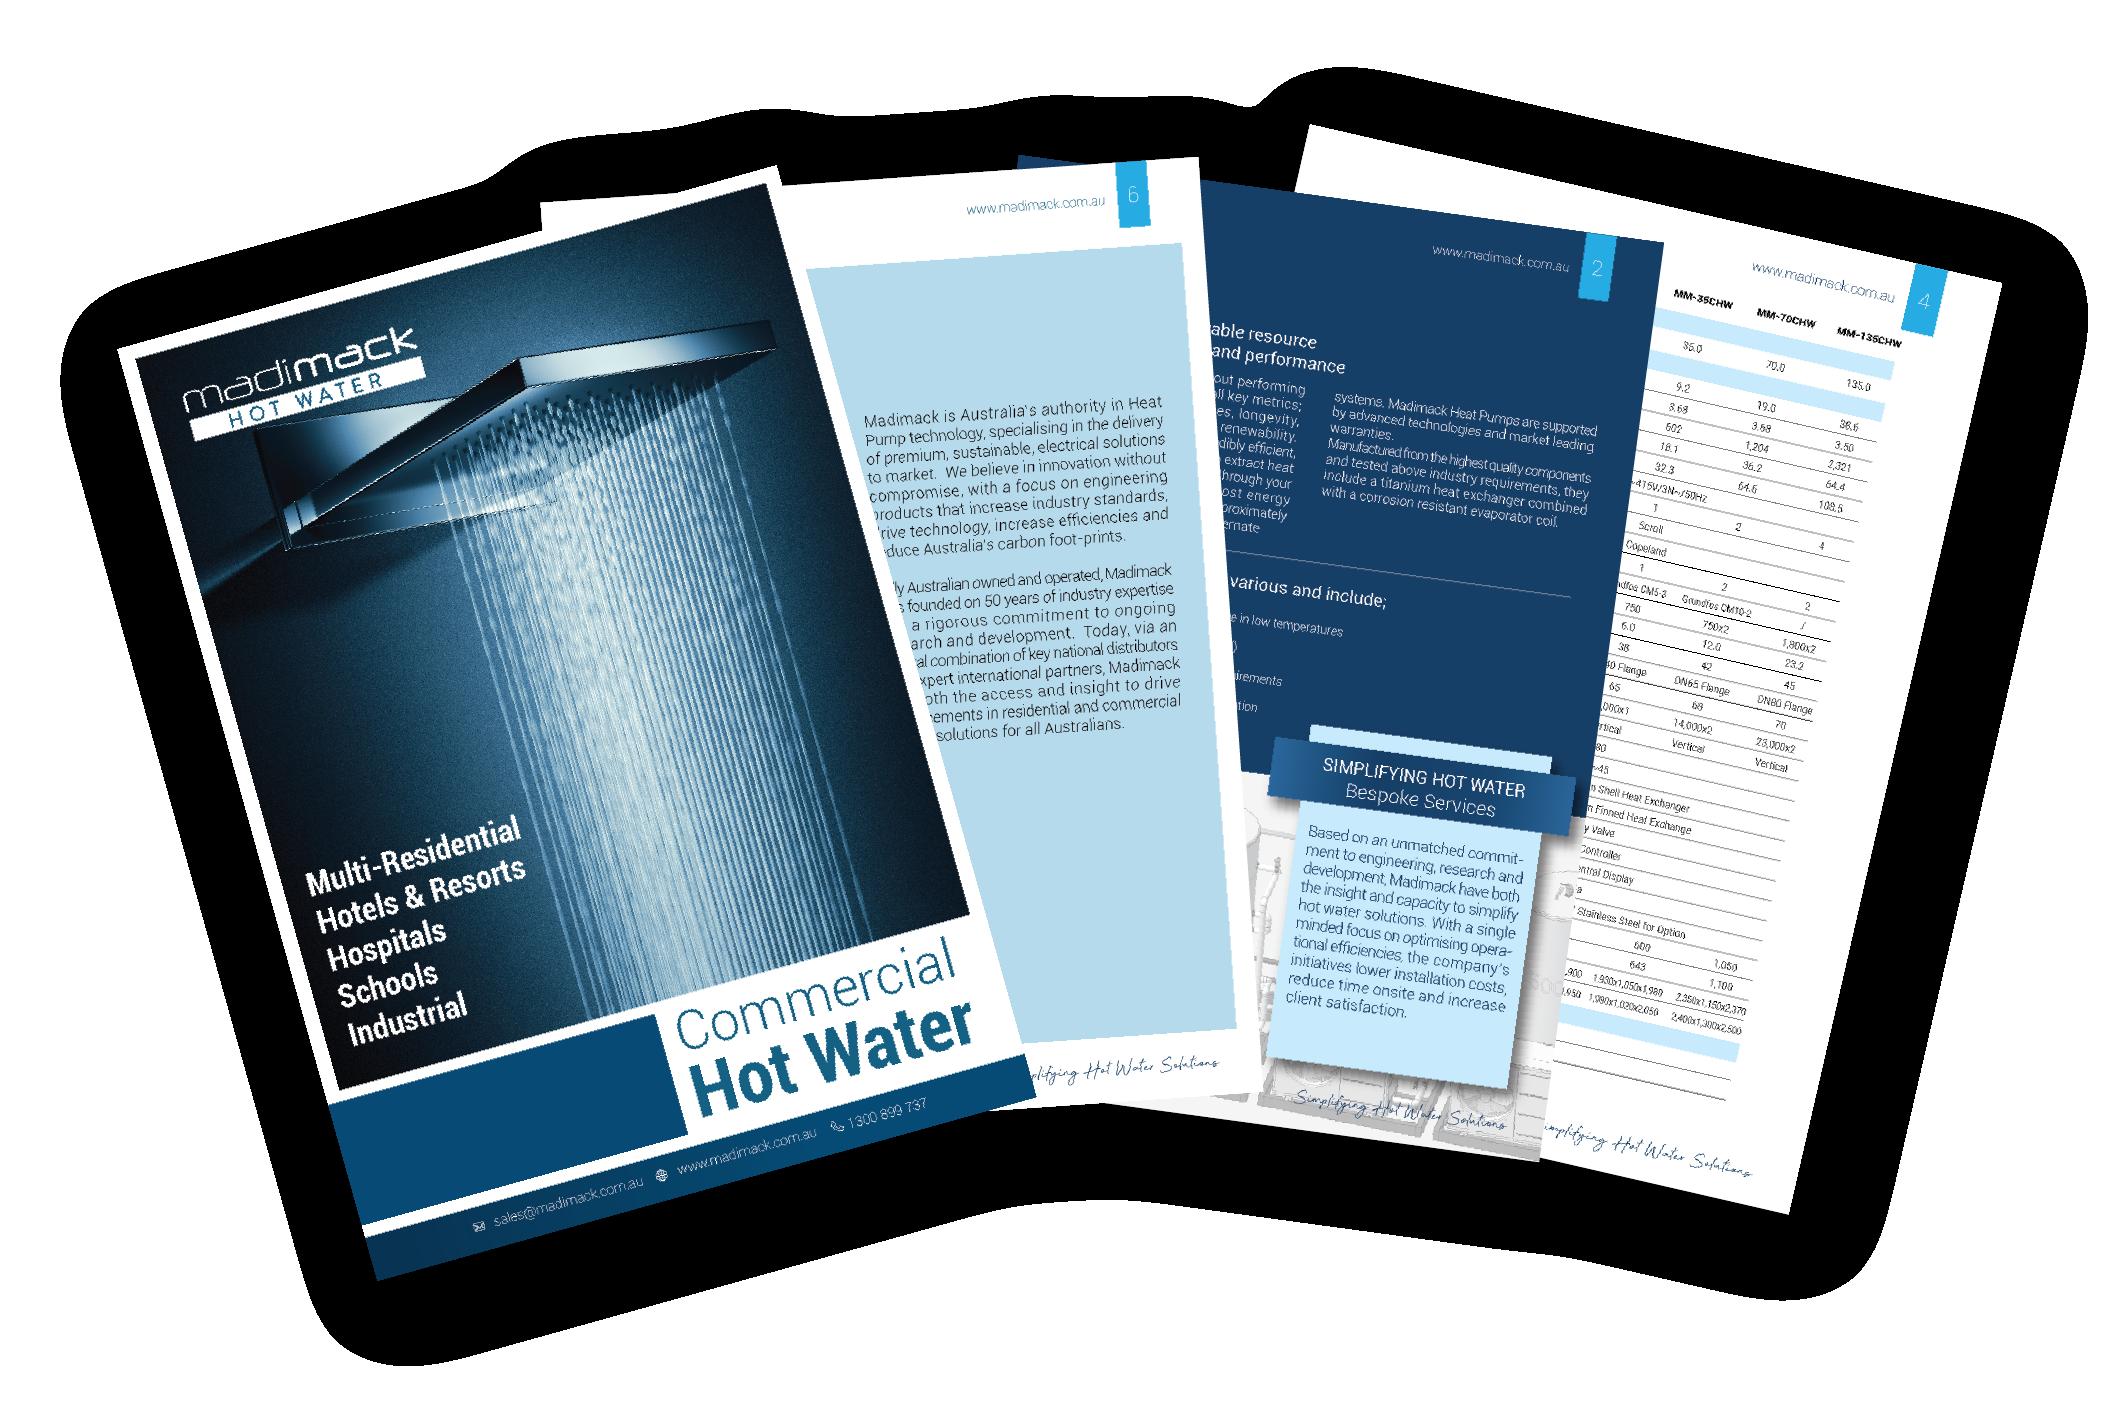 Madimack_Commercial Hot Water Brochure Fan